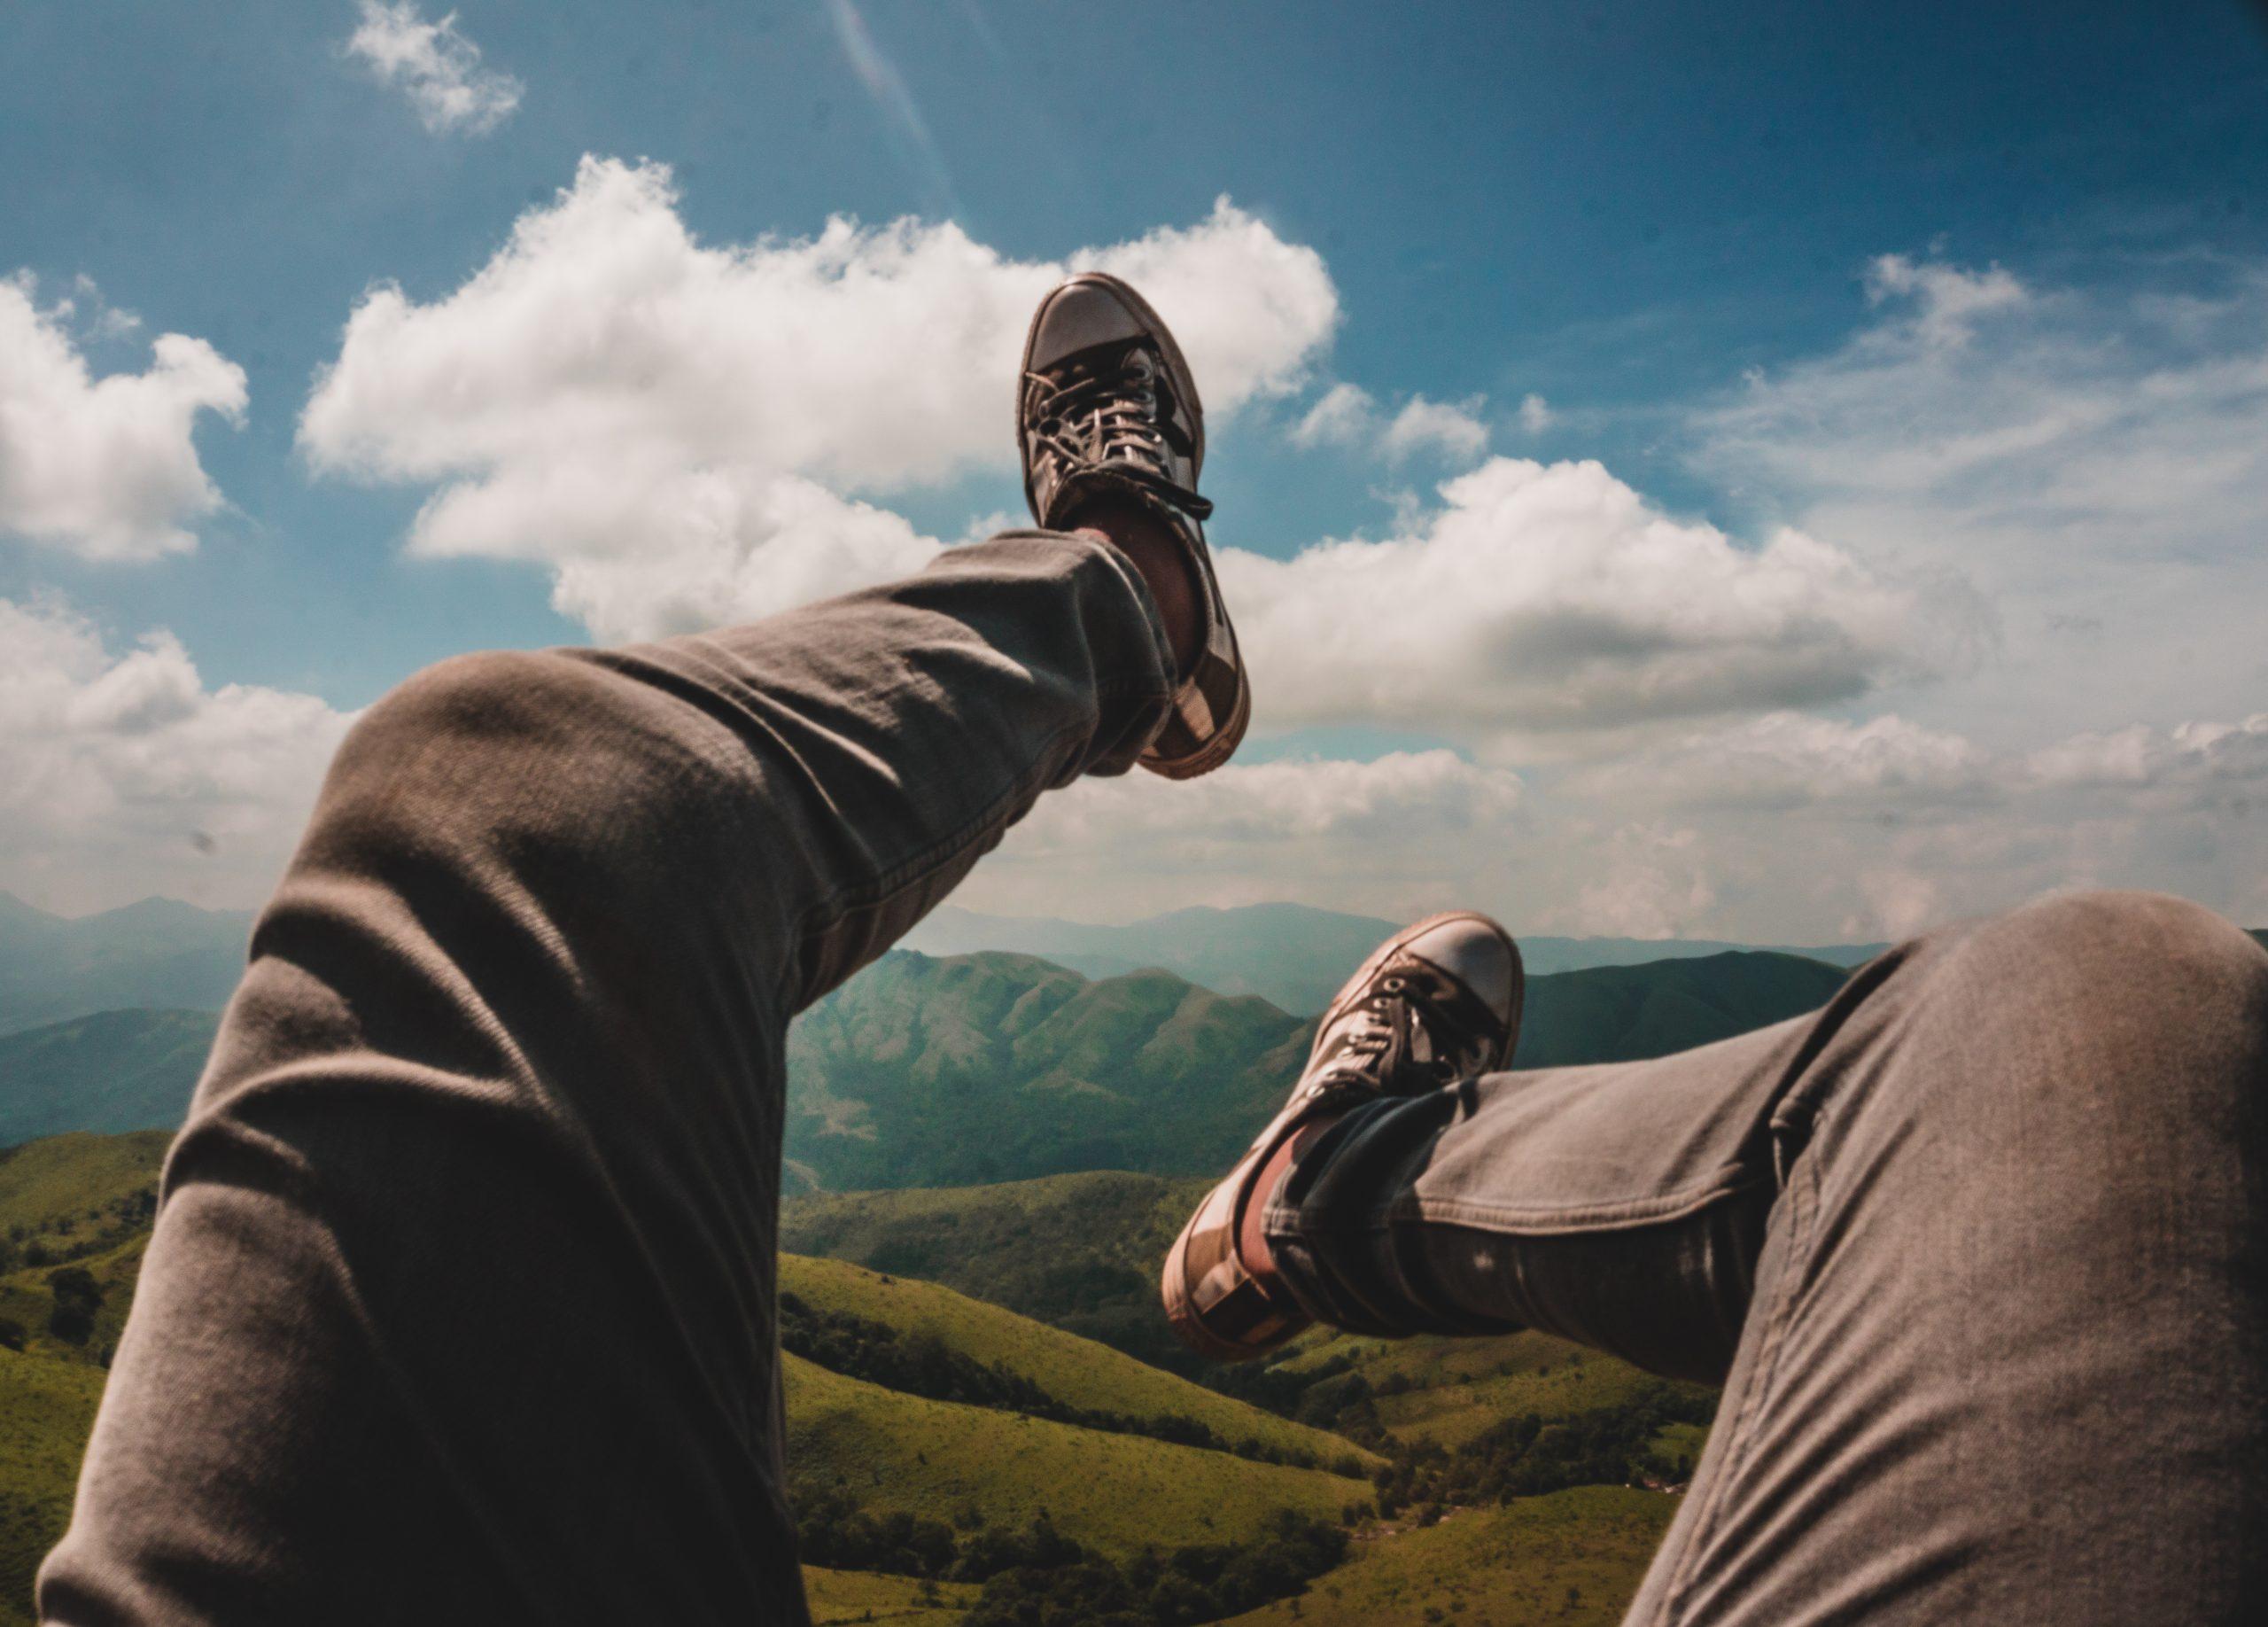 Legs toward sky